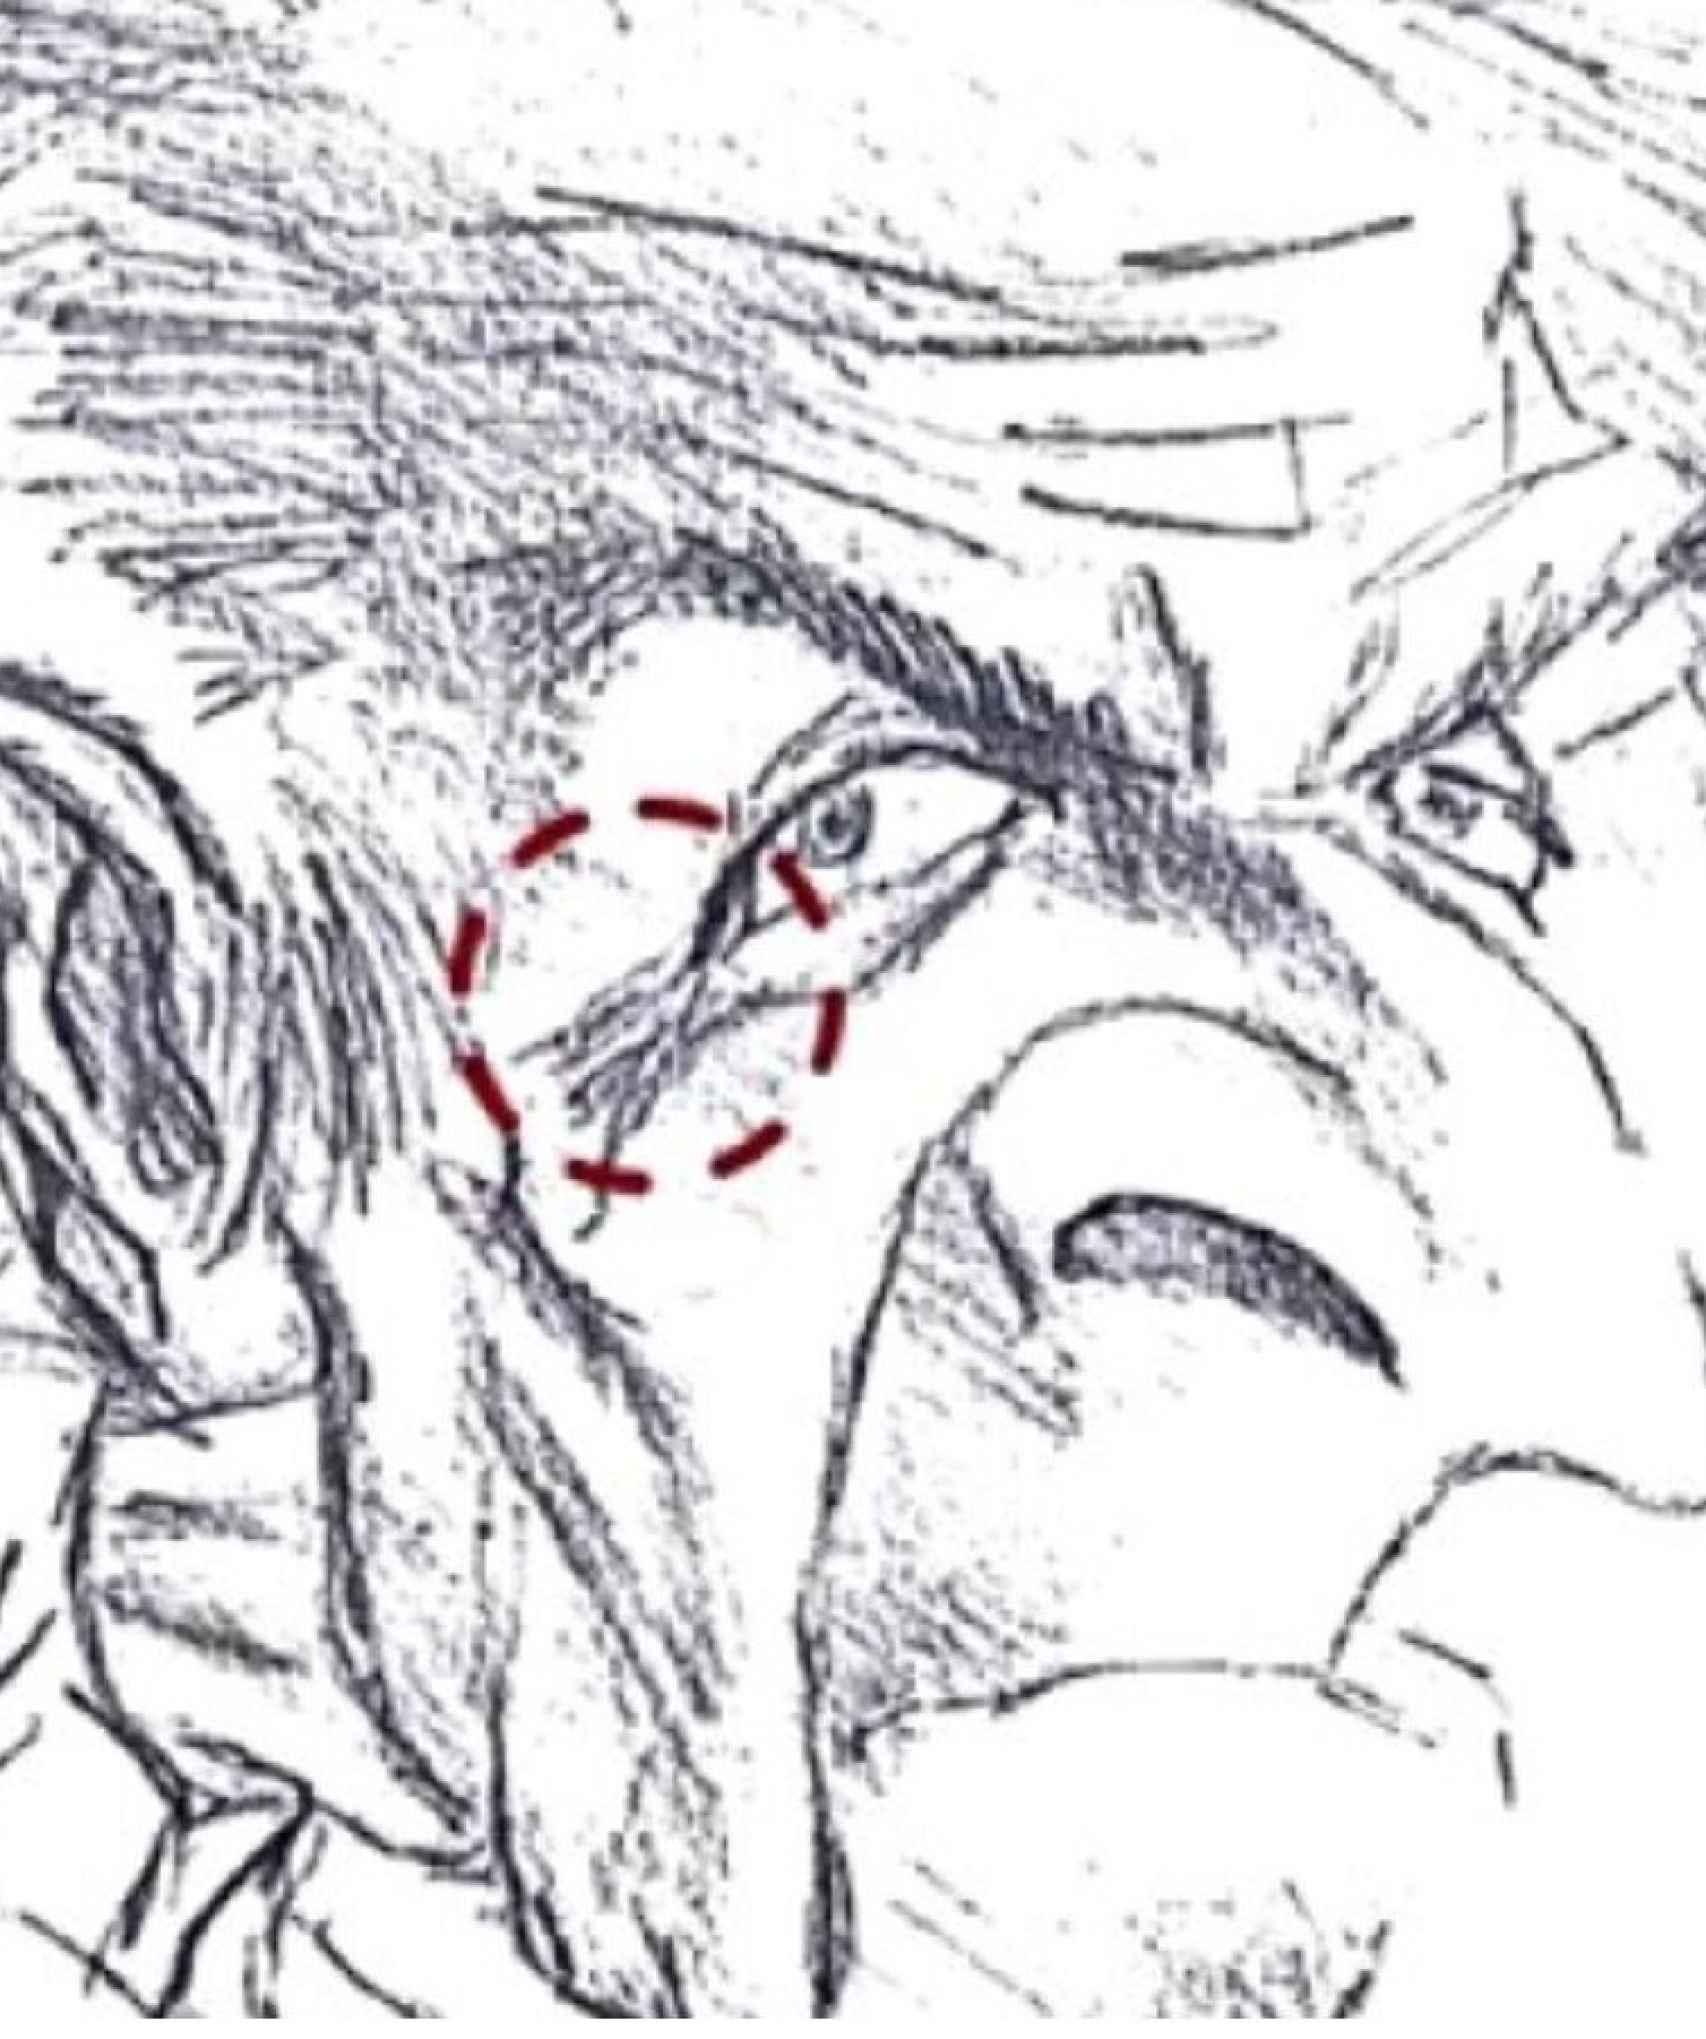 La caricatura que dibujó David.